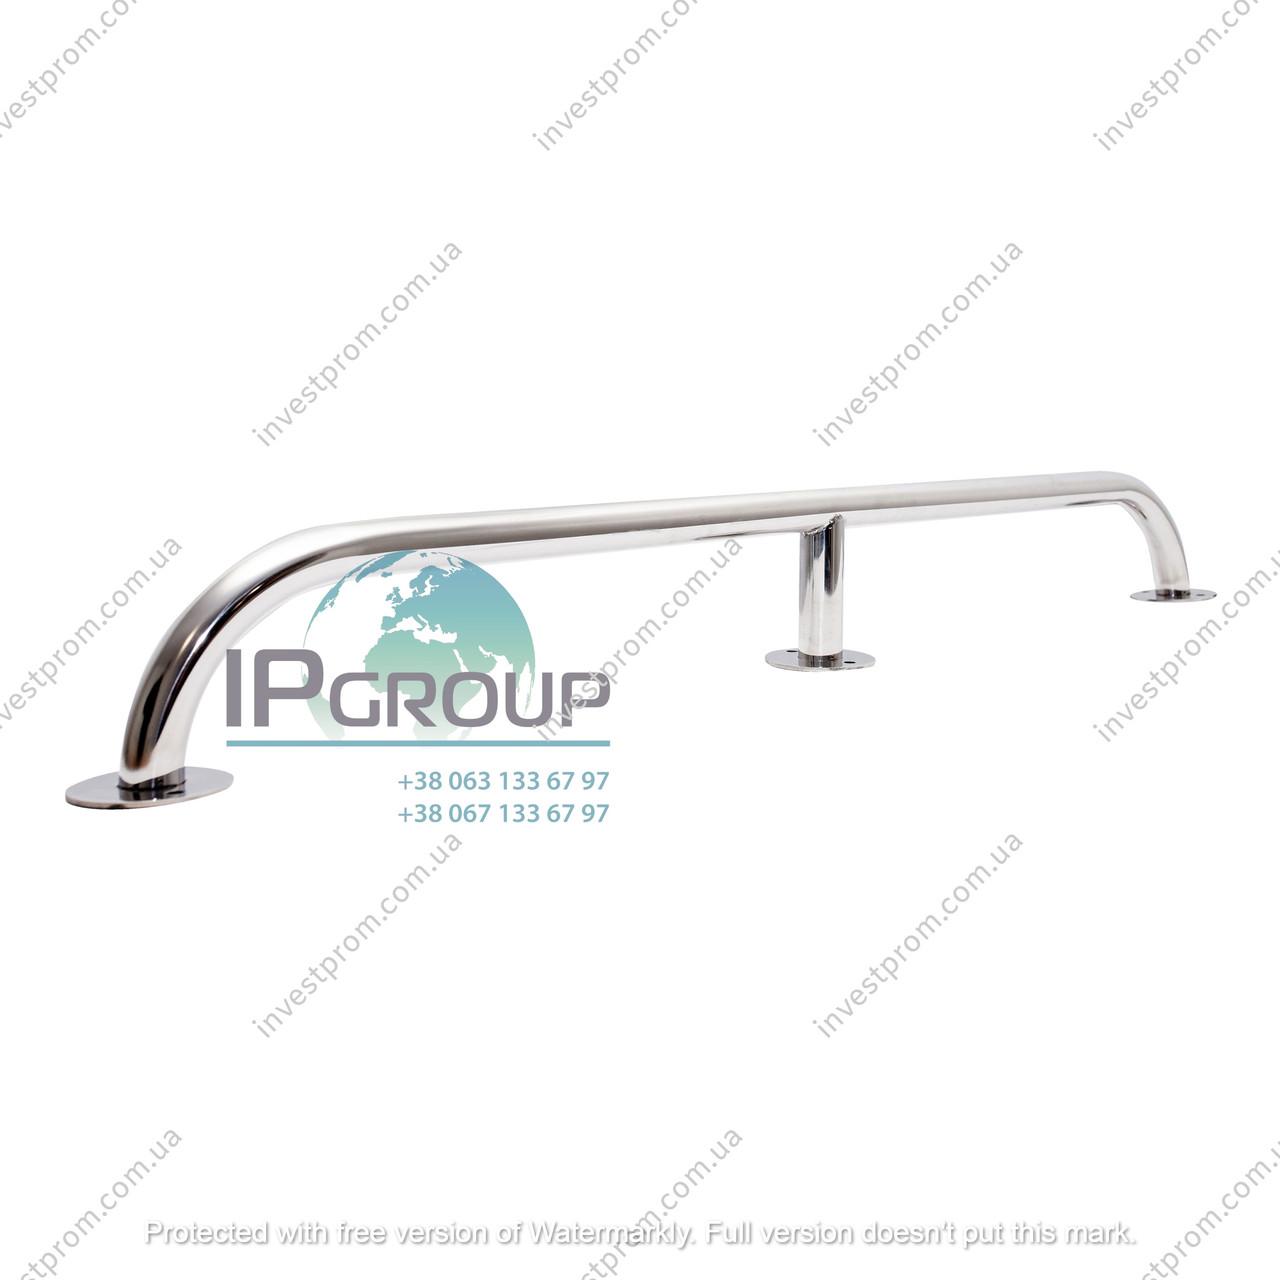 Настенный поручень прямой, усиленный, стационарный, настенный (1000 мм), ручка ∅32 мм, нержавеющая сталь.